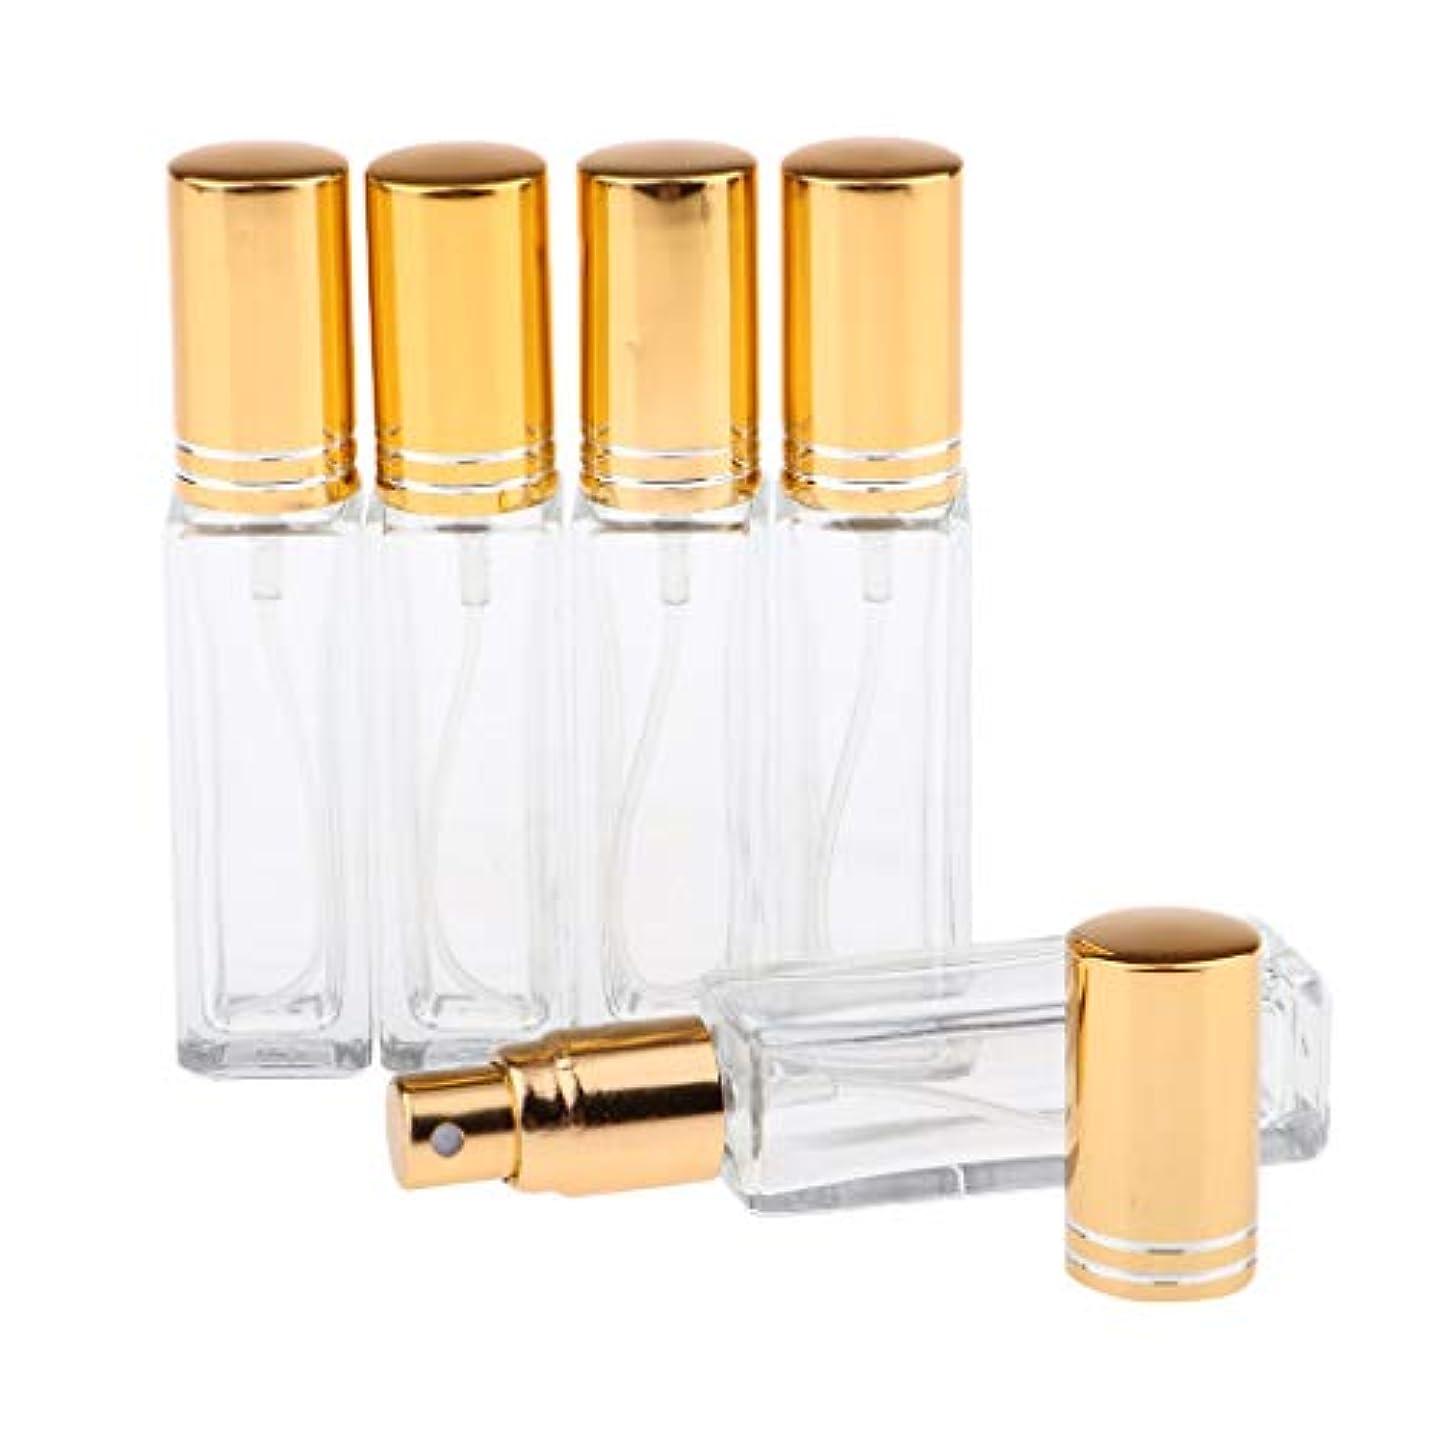 生き物知人立方体SM SunniMix 8ミリリットル 空のスプレーボトル ガラスボトル ポンプスプレーボトル 6色選ぶ 全5点 - ストライプ付き金色キャップ